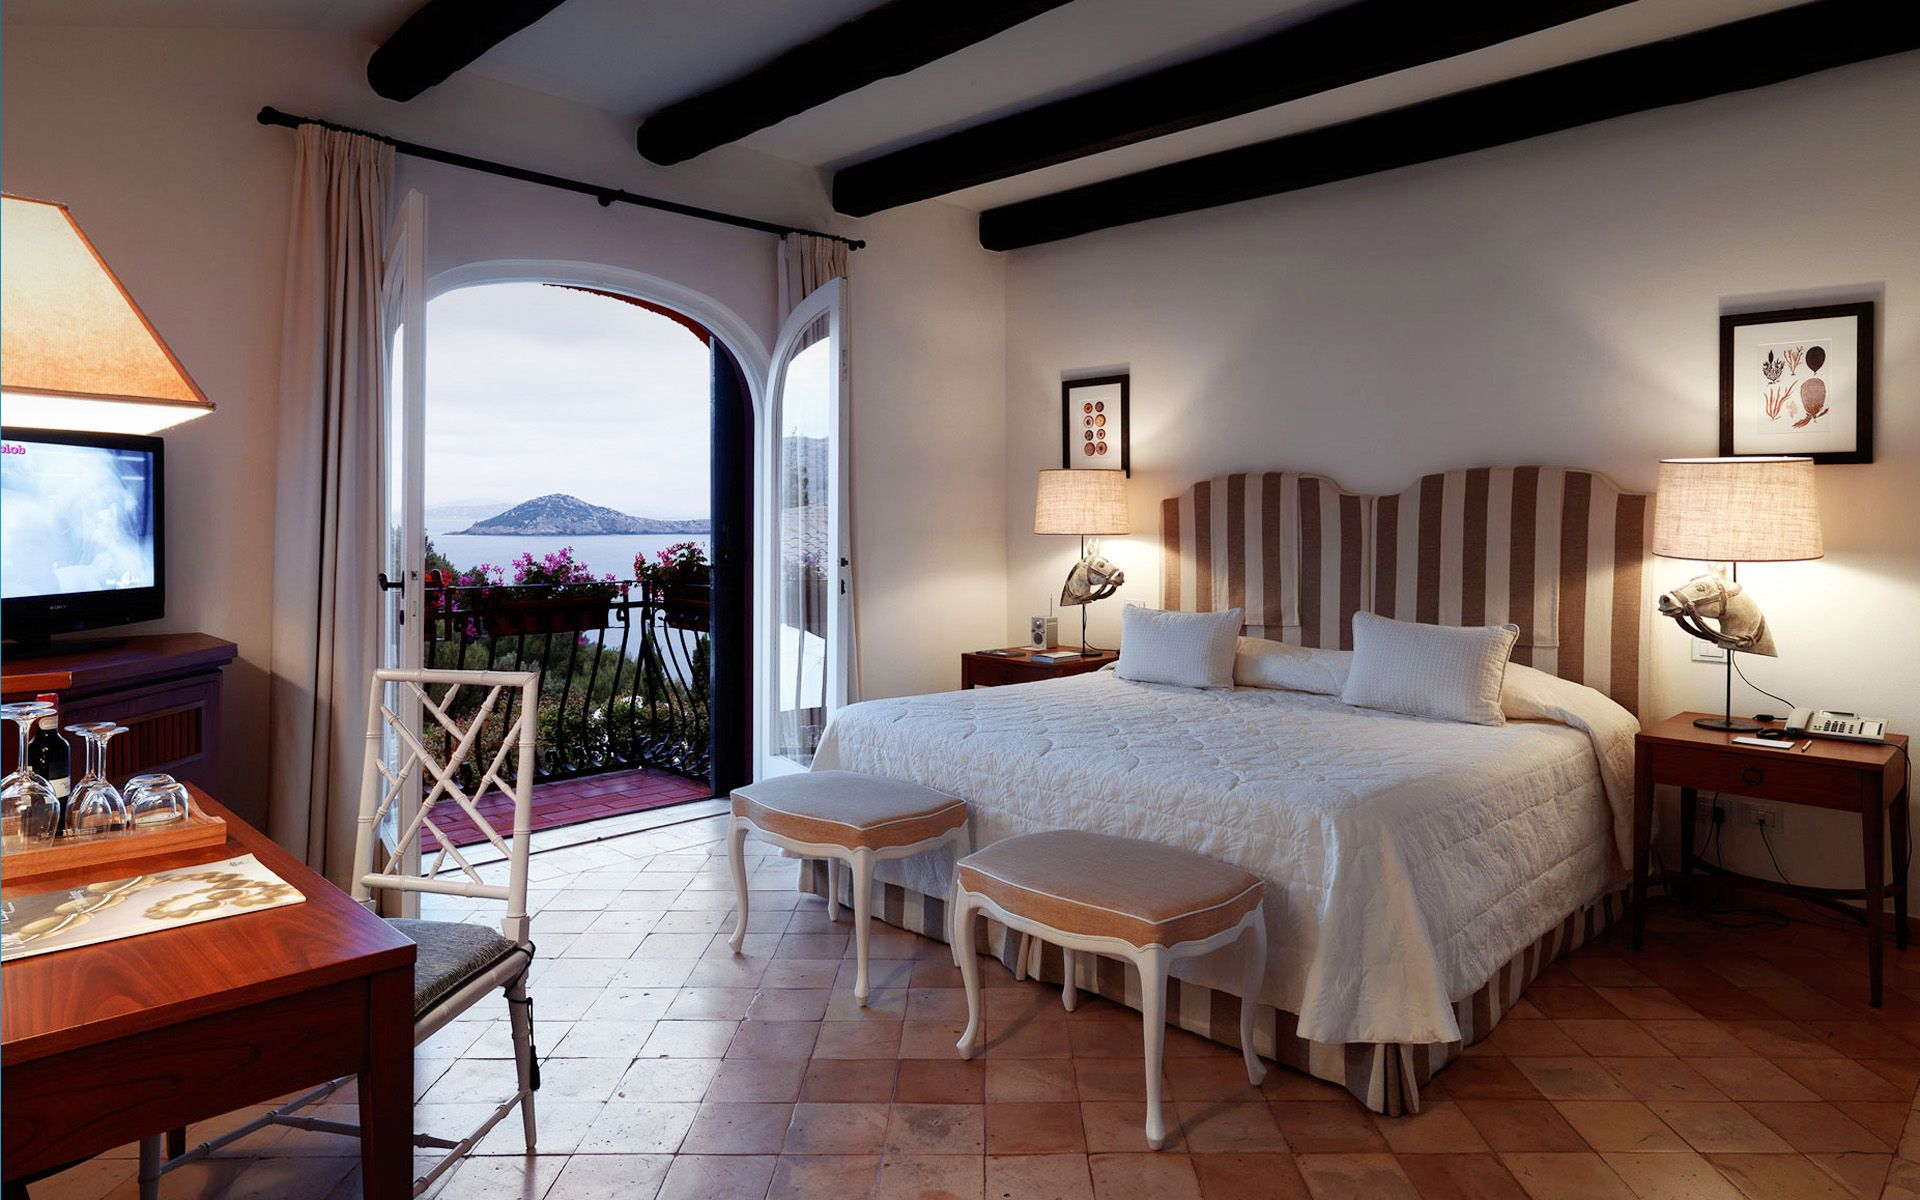 Tuscany luxury accommodation at Il Pellicano, Italy - dream vacation hotel room!